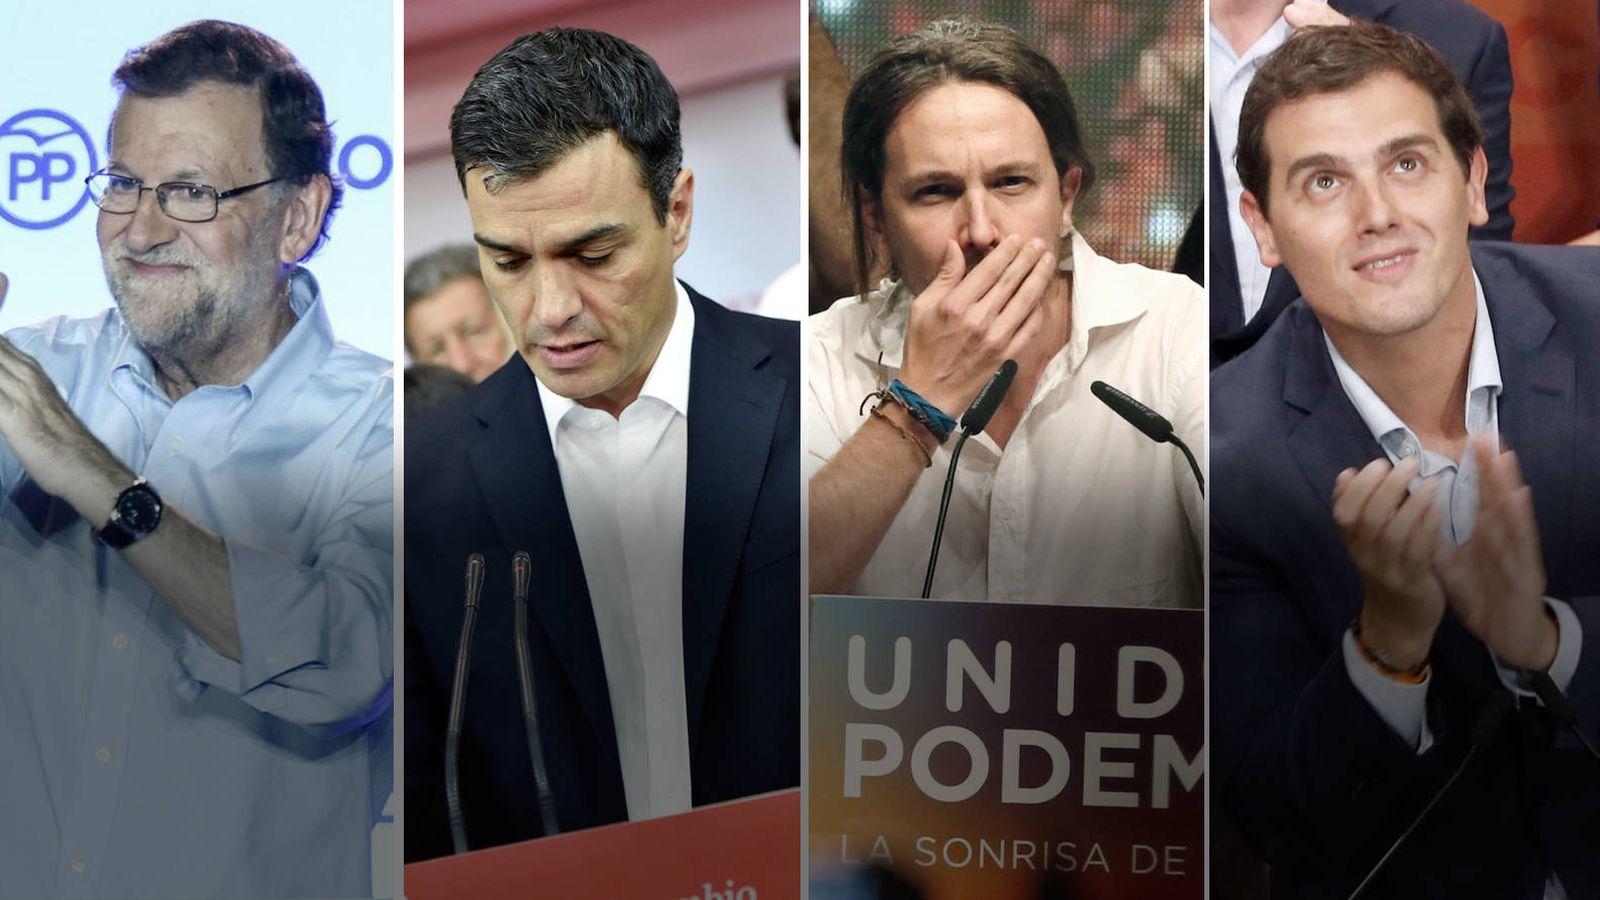 Foto: lecciones Generales 2016: Mariano Rajoy (Partido Popular), Pedro Sánchez (PSOE), Pablo Iglesias (Unidos Podemos) y Albert Rivera (Ciudadanos)